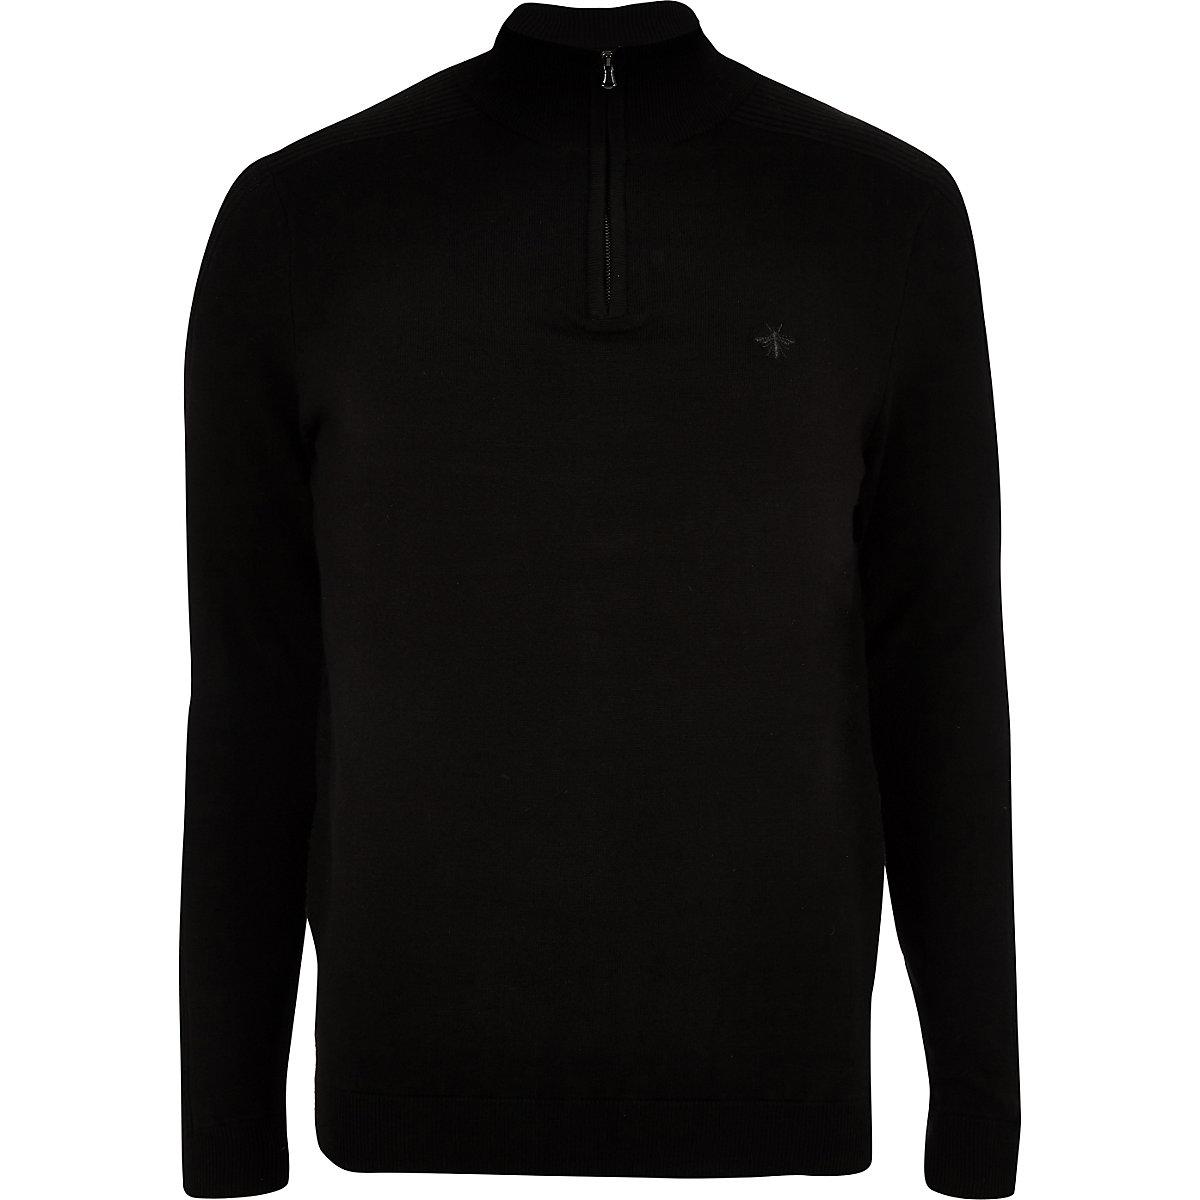 Black zip-up slim fit funnel neck jumper